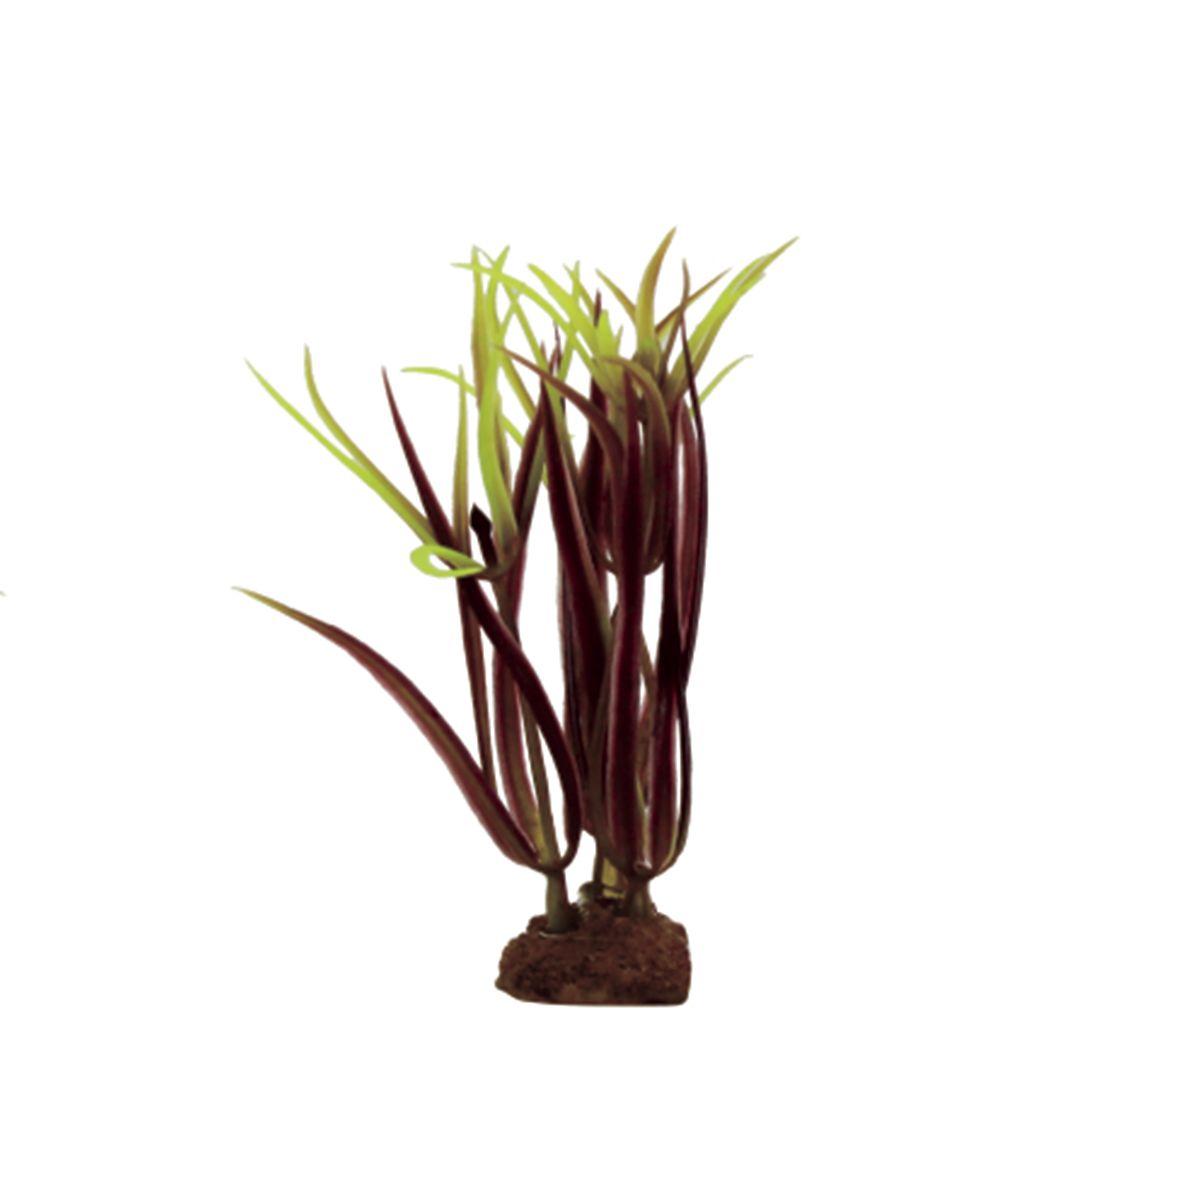 Растение для аквариума ArtUniq Лагаросифон мадагаскарский красный, высота 10 см, 6 штART-1170526Растение для аквариума ArtUniq Лагаросифон мадагаскарский красный, высота 10 см, 6 шт